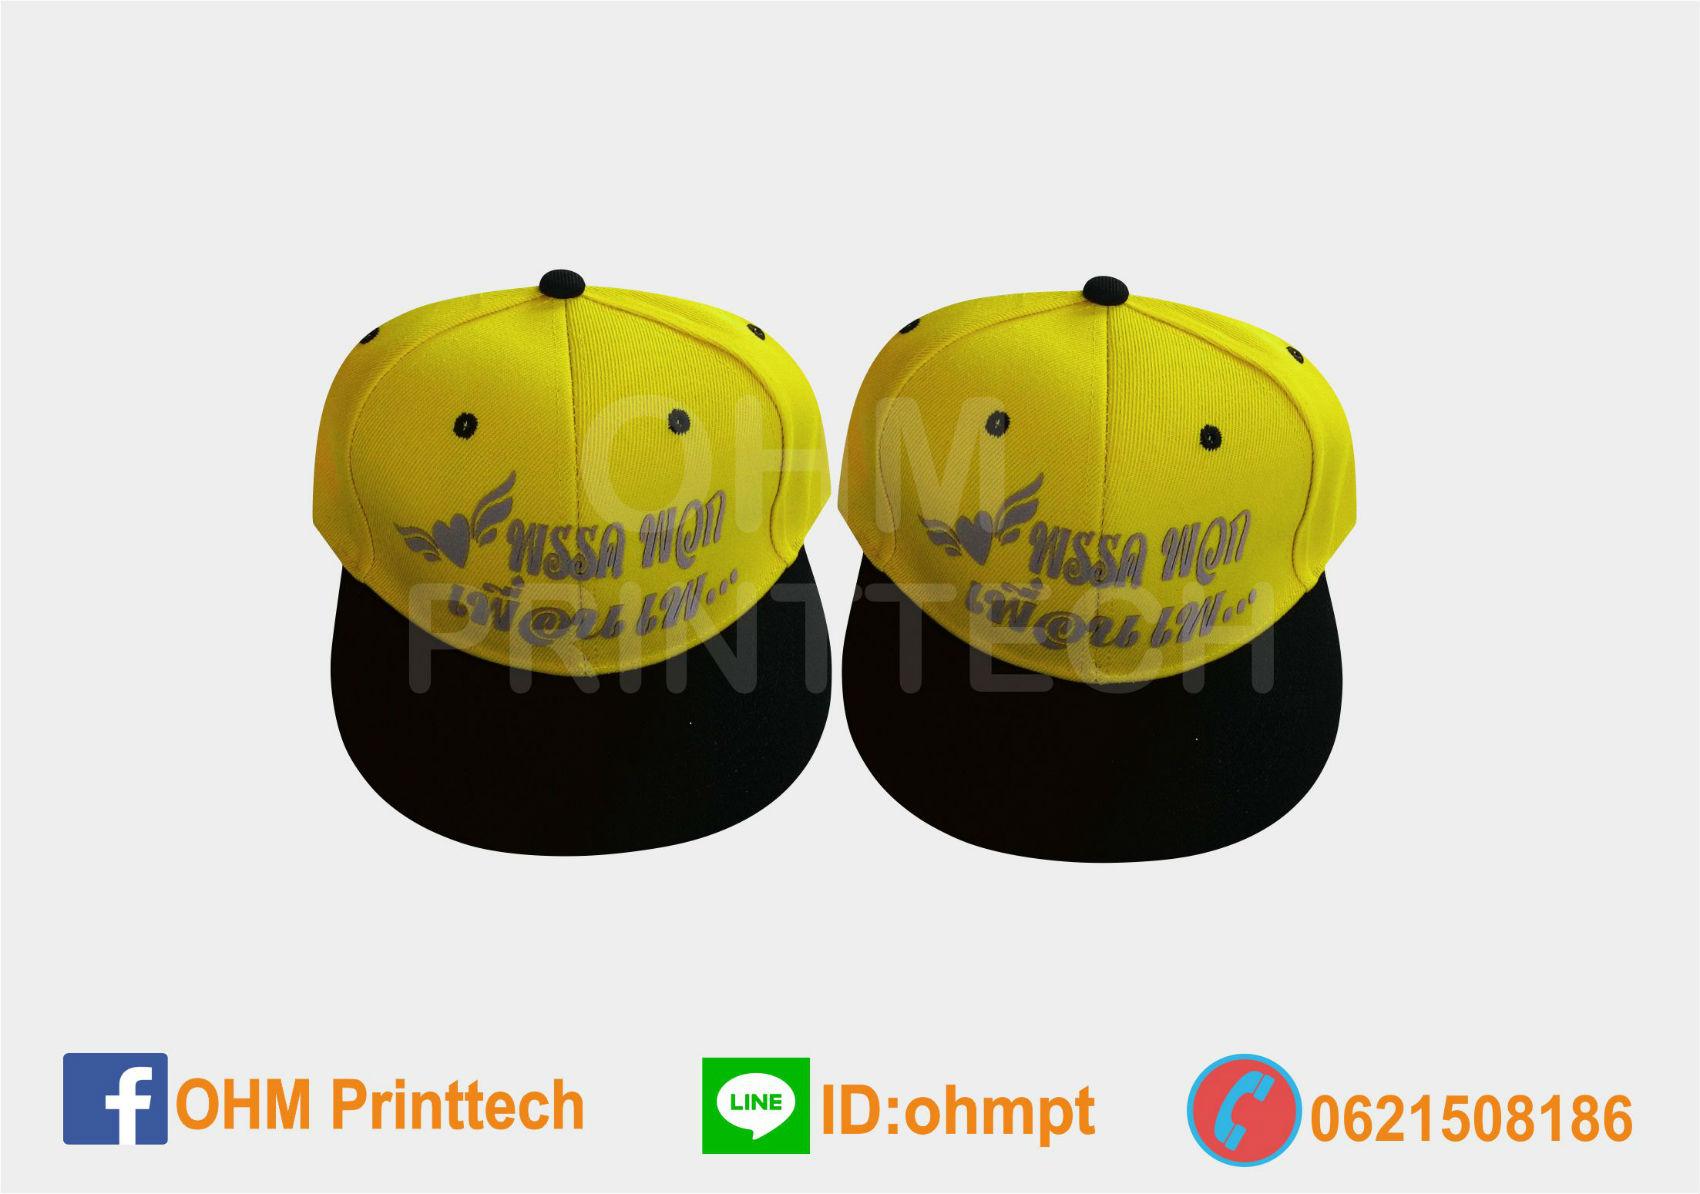 หมวกทีมพร้อมติดชื่อ ติดตัวอักษร